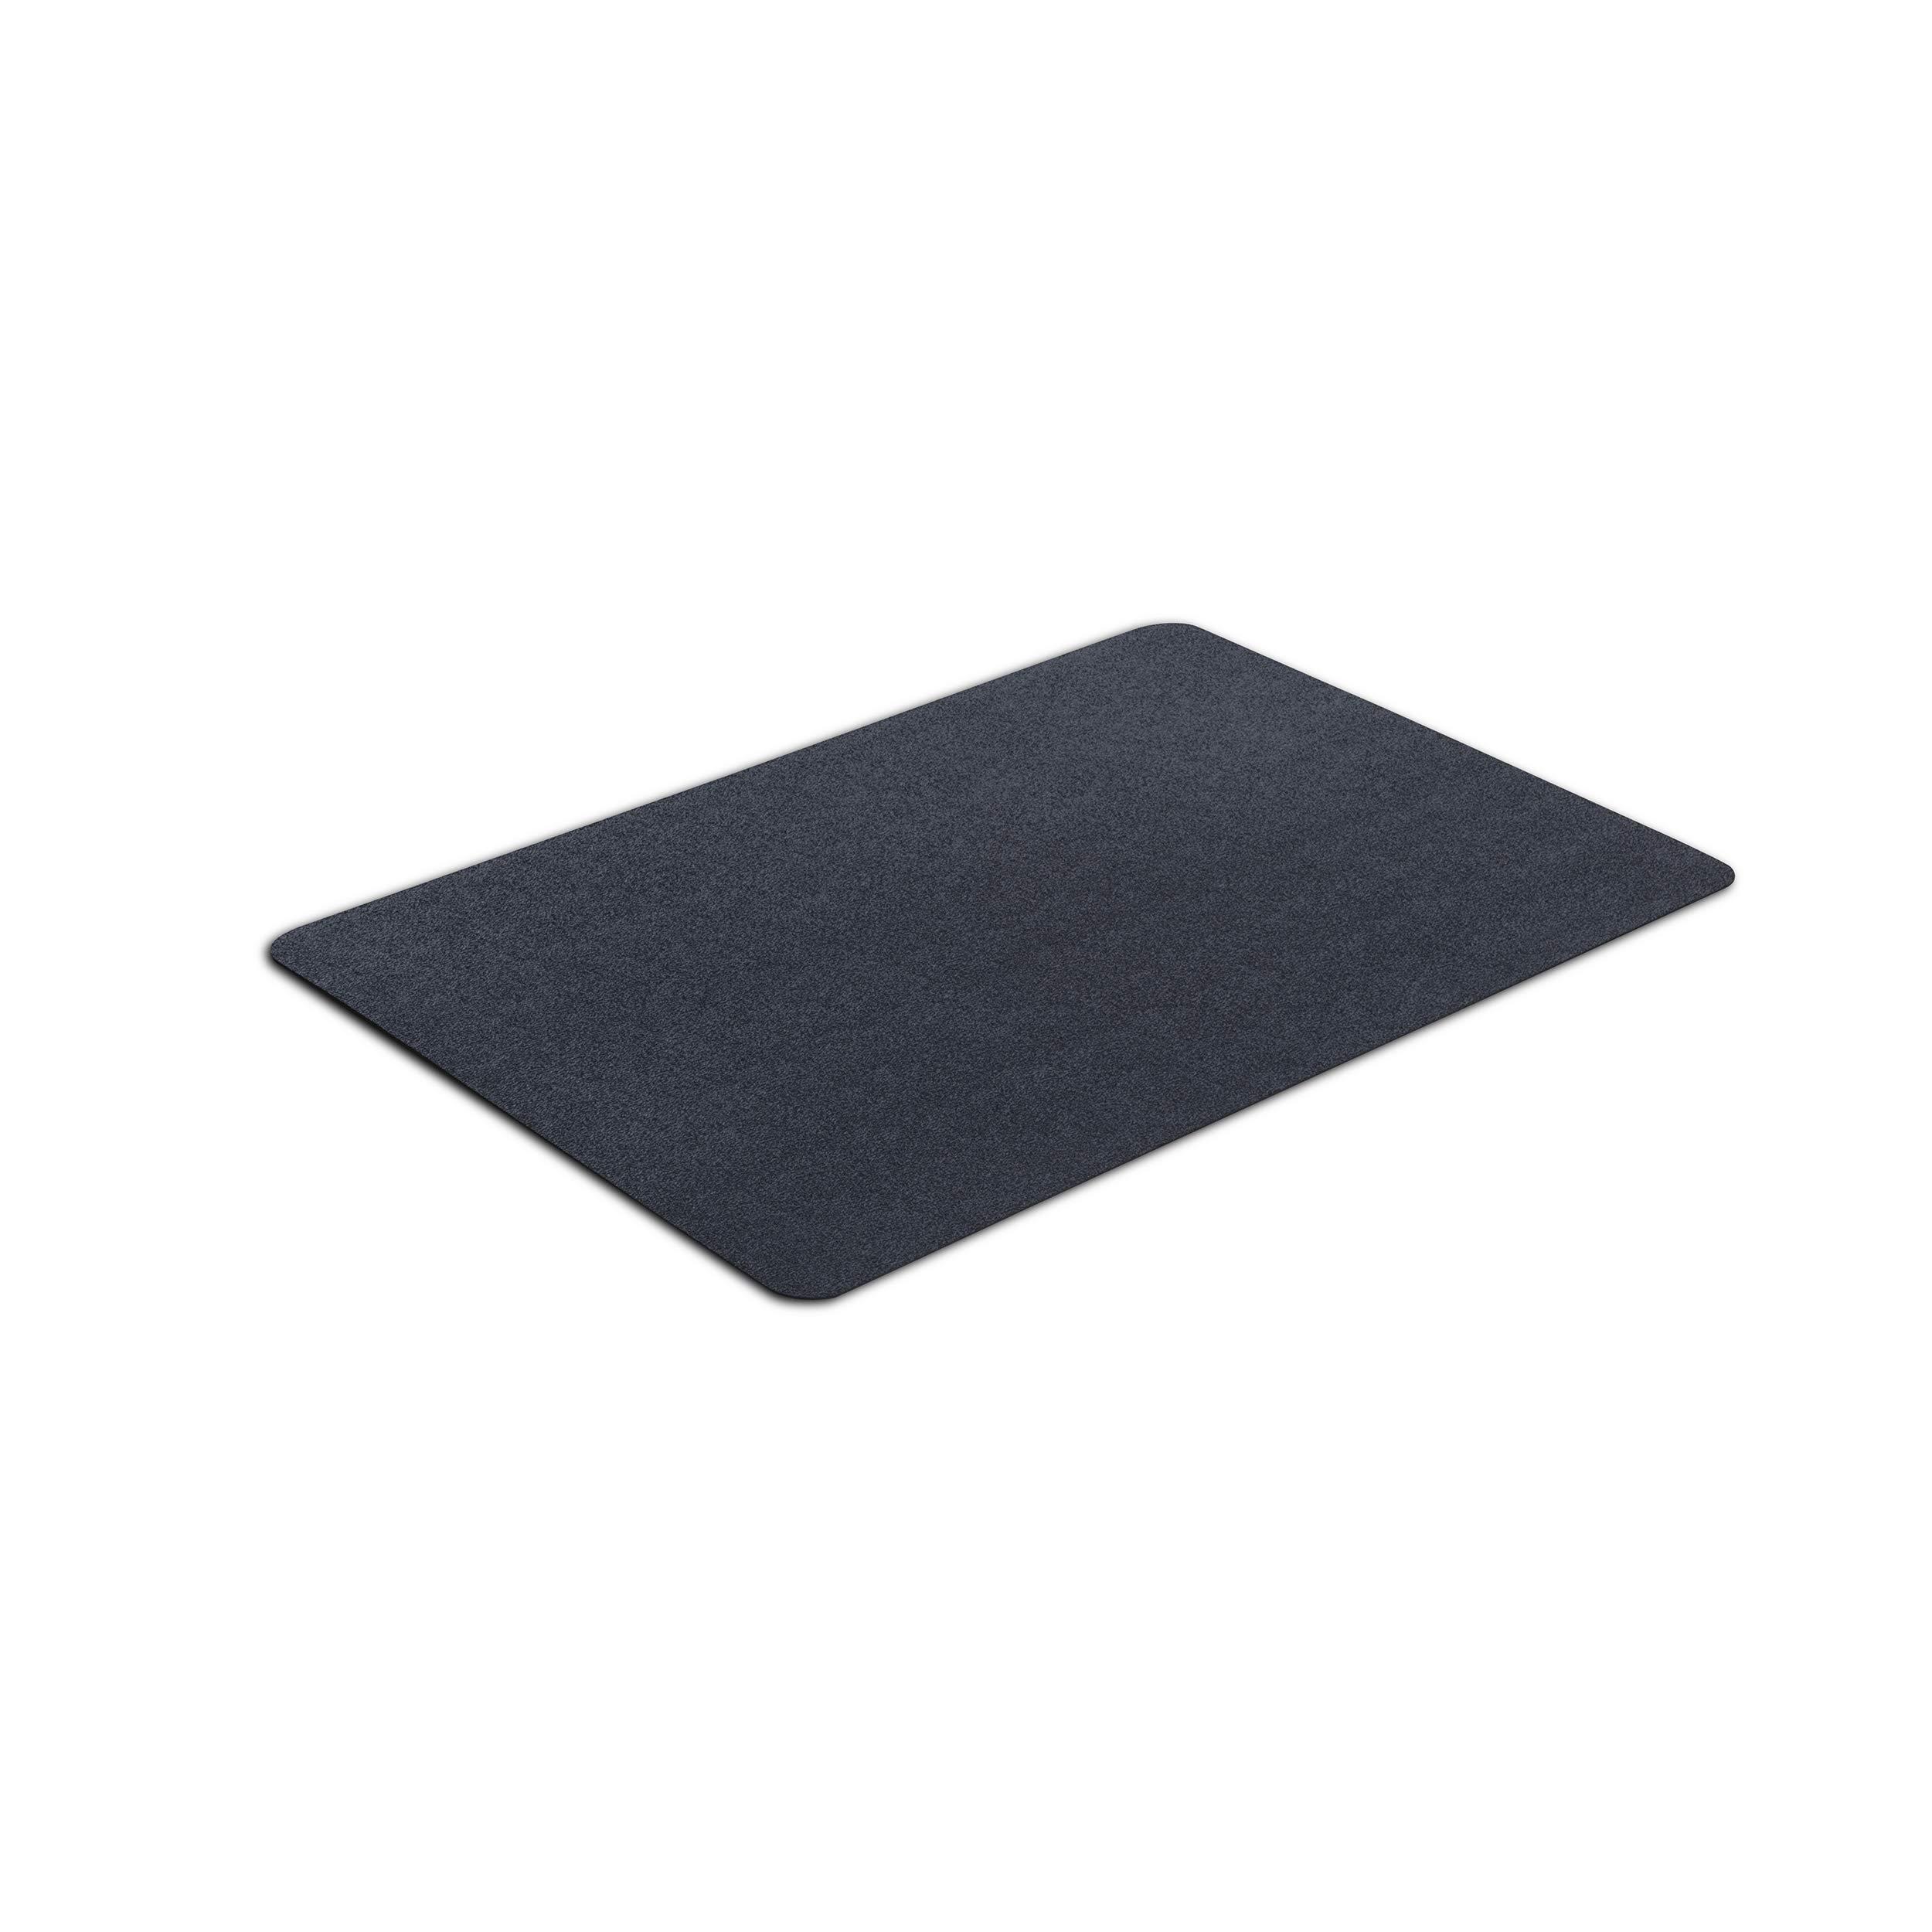 VersaTex 9M-110-24C-3 Multipurpose Utility Mat Rubber, 24'' x 36'', Black